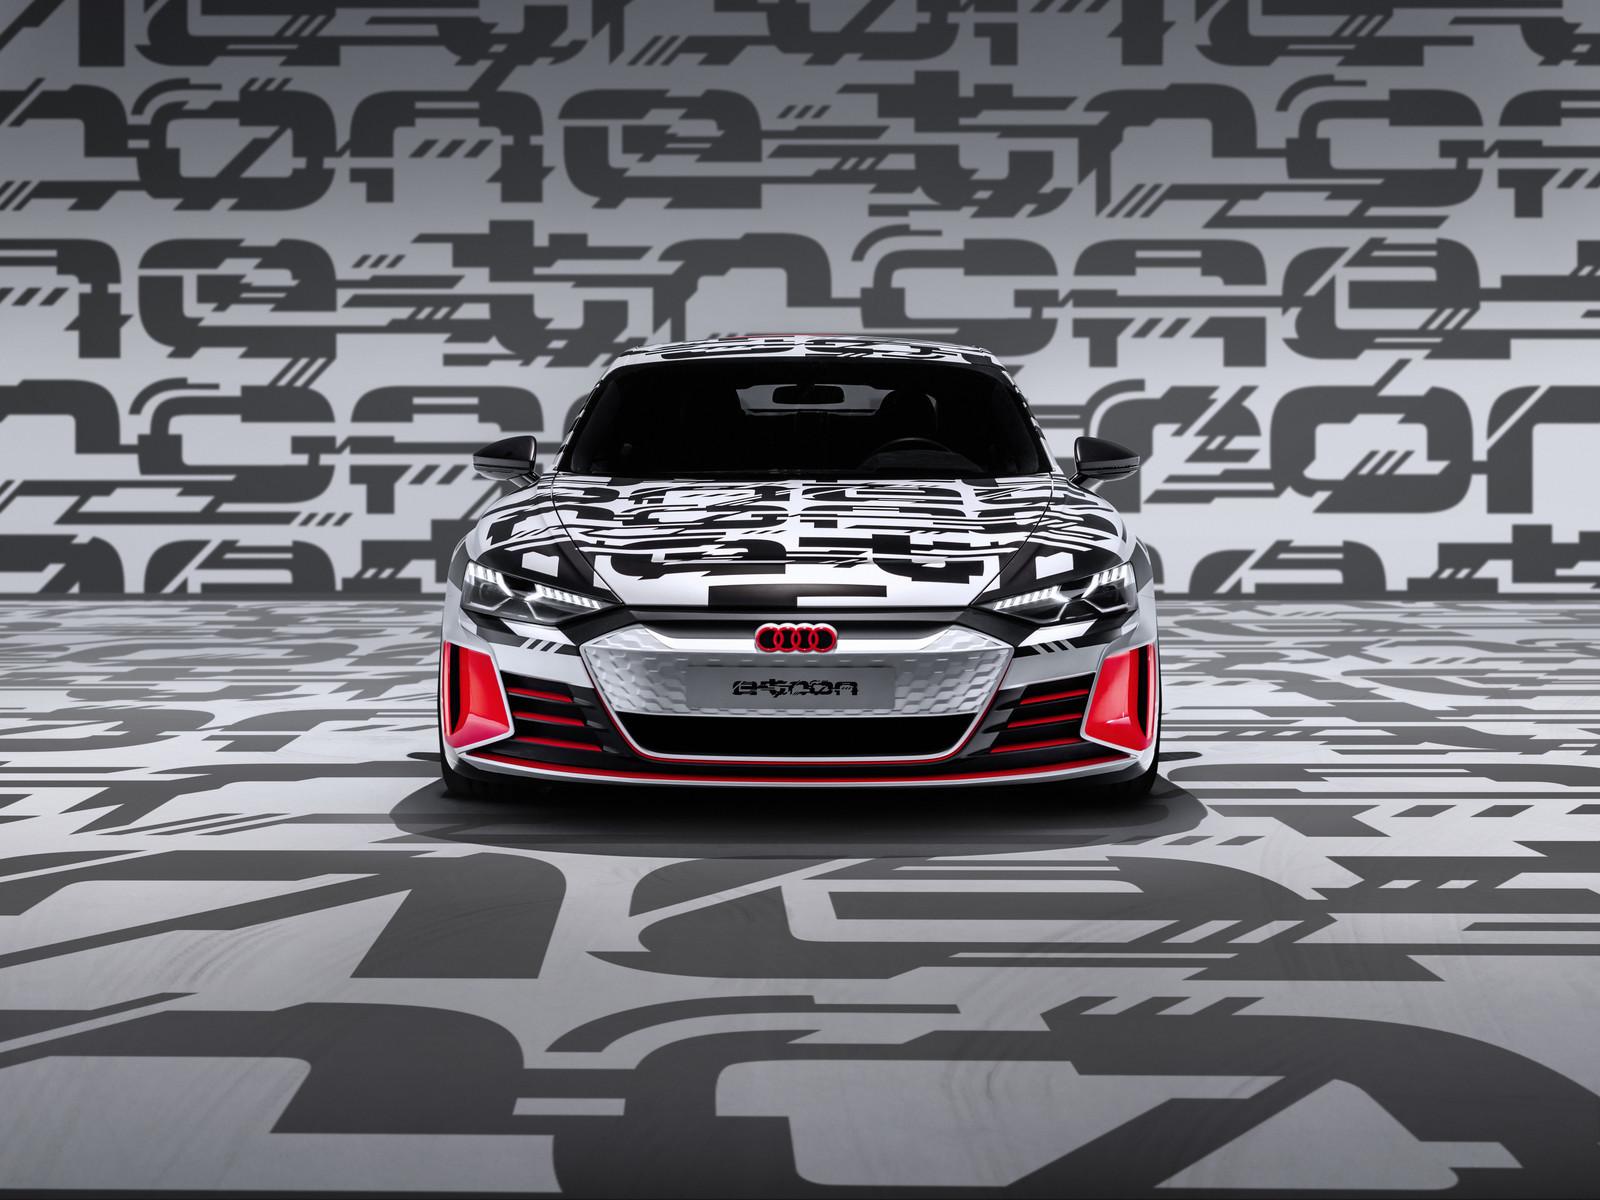 Foto de Audi e-tron GT concept 2018 (2/55)